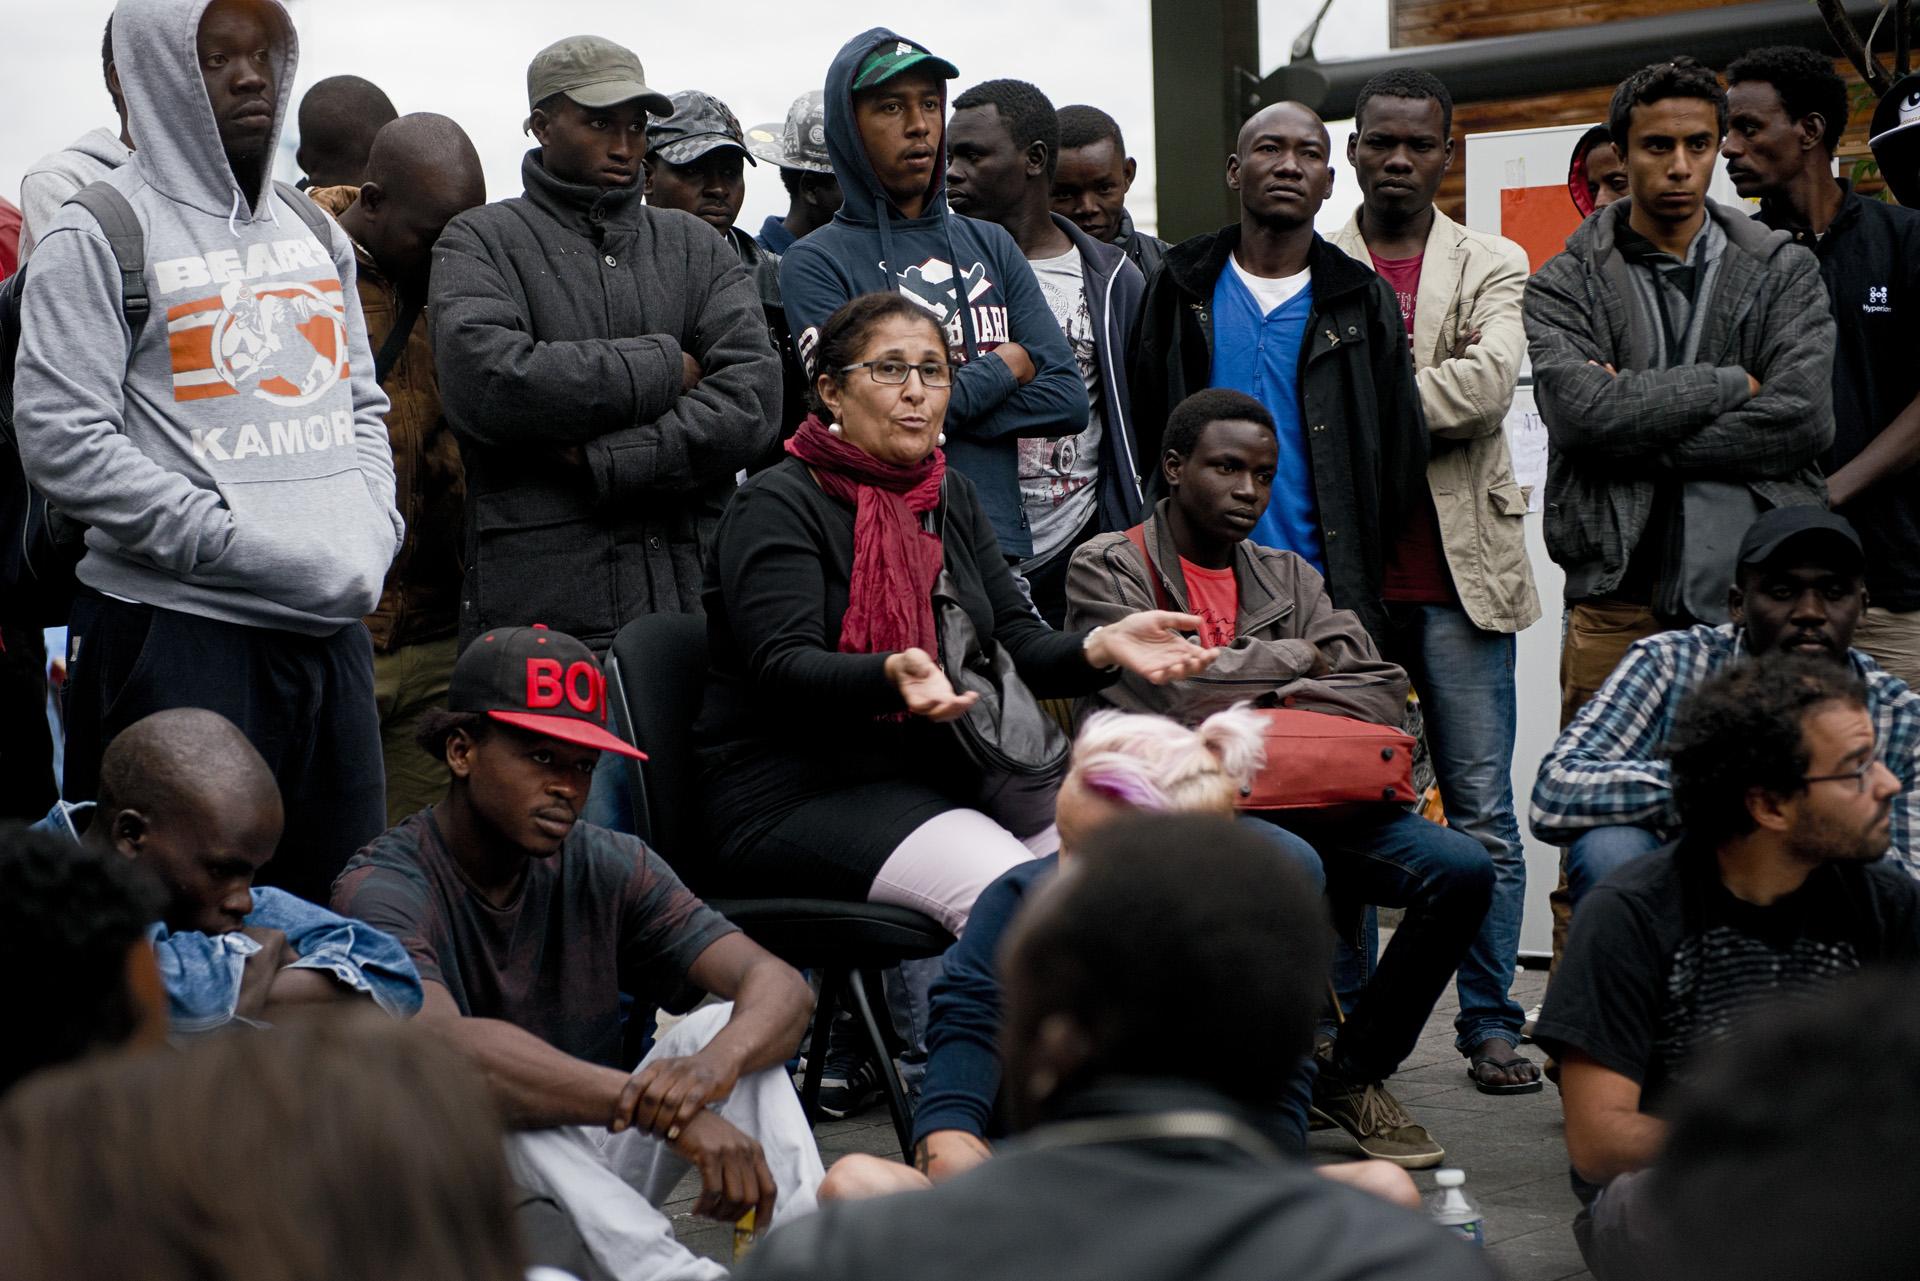 Toutes les décisions concernant la vie du campement et les actions à mener sont prises en A.G. qui réunissent soutiens et migrants. Afin que tous puissent se comprendre, des traducteurs bénévoles comme Sarra interviennent quotidiennement. Paris 18ème, le 18 juillet 2015.